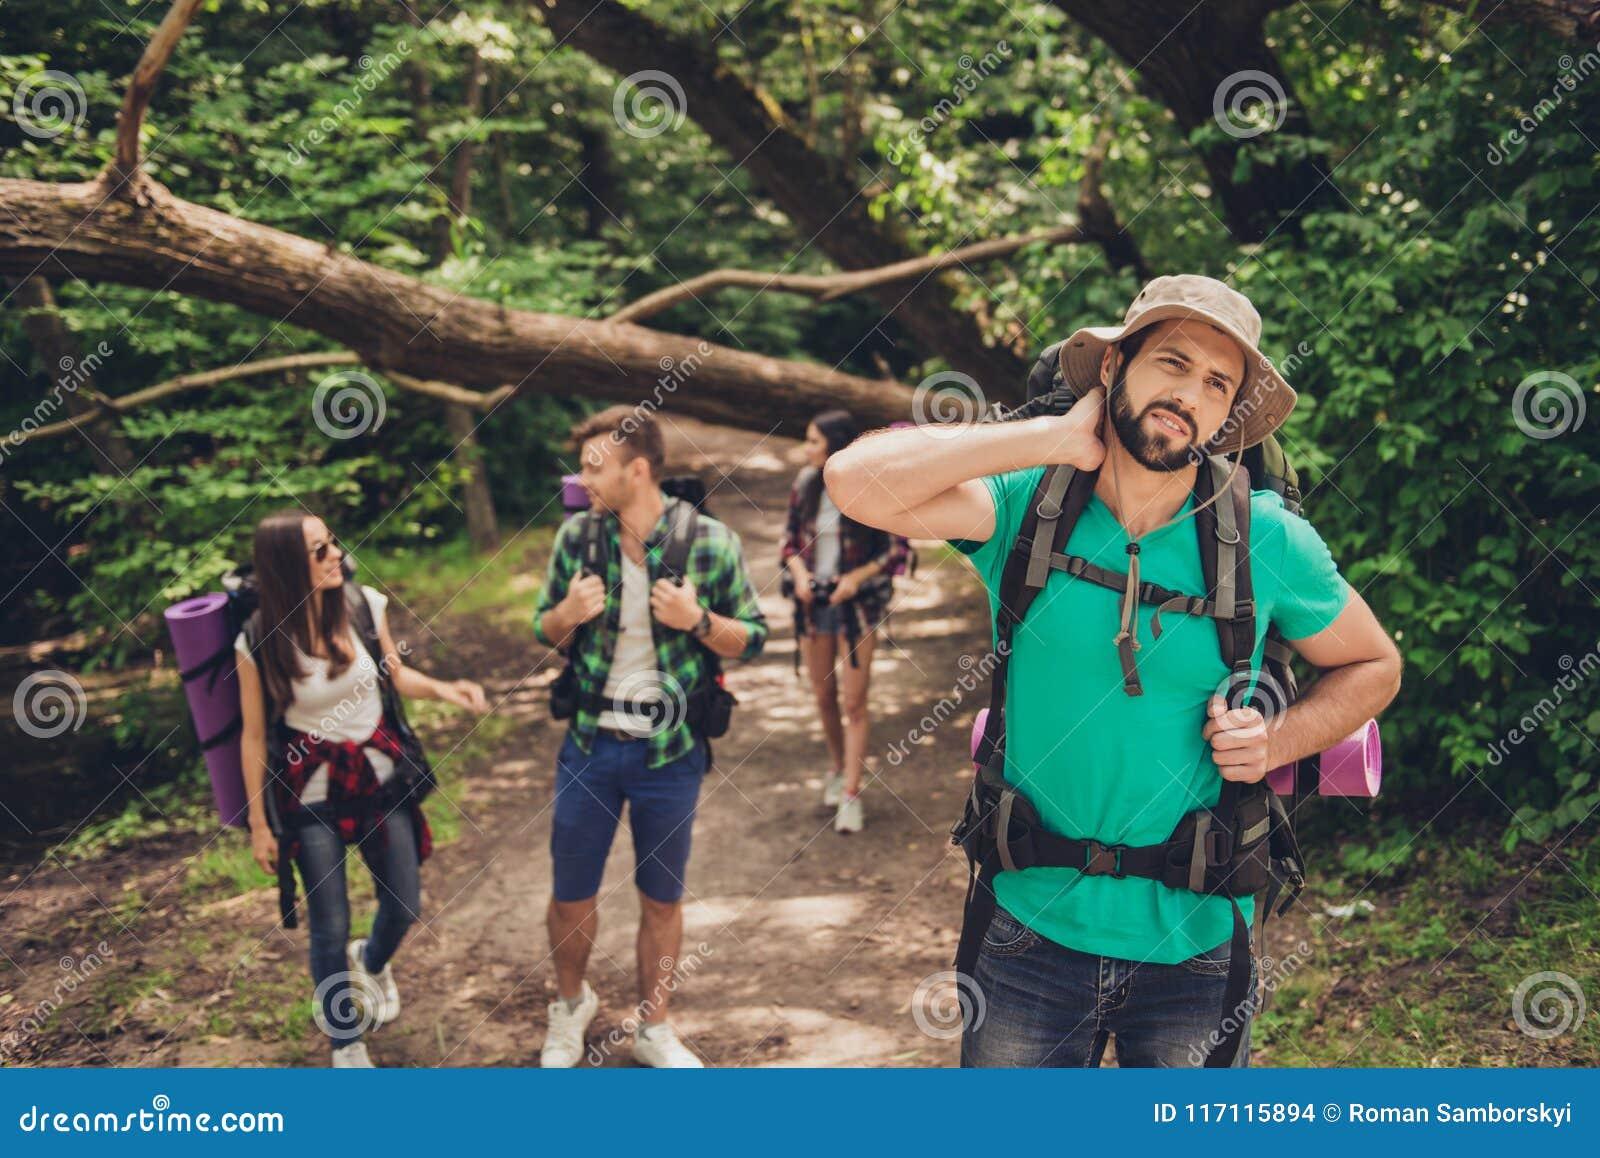 Duramente, expedição difícil, cansando-se e de exaustão de quatro amigos na floresta selvagem na fuga O indivíduo é esforço de um